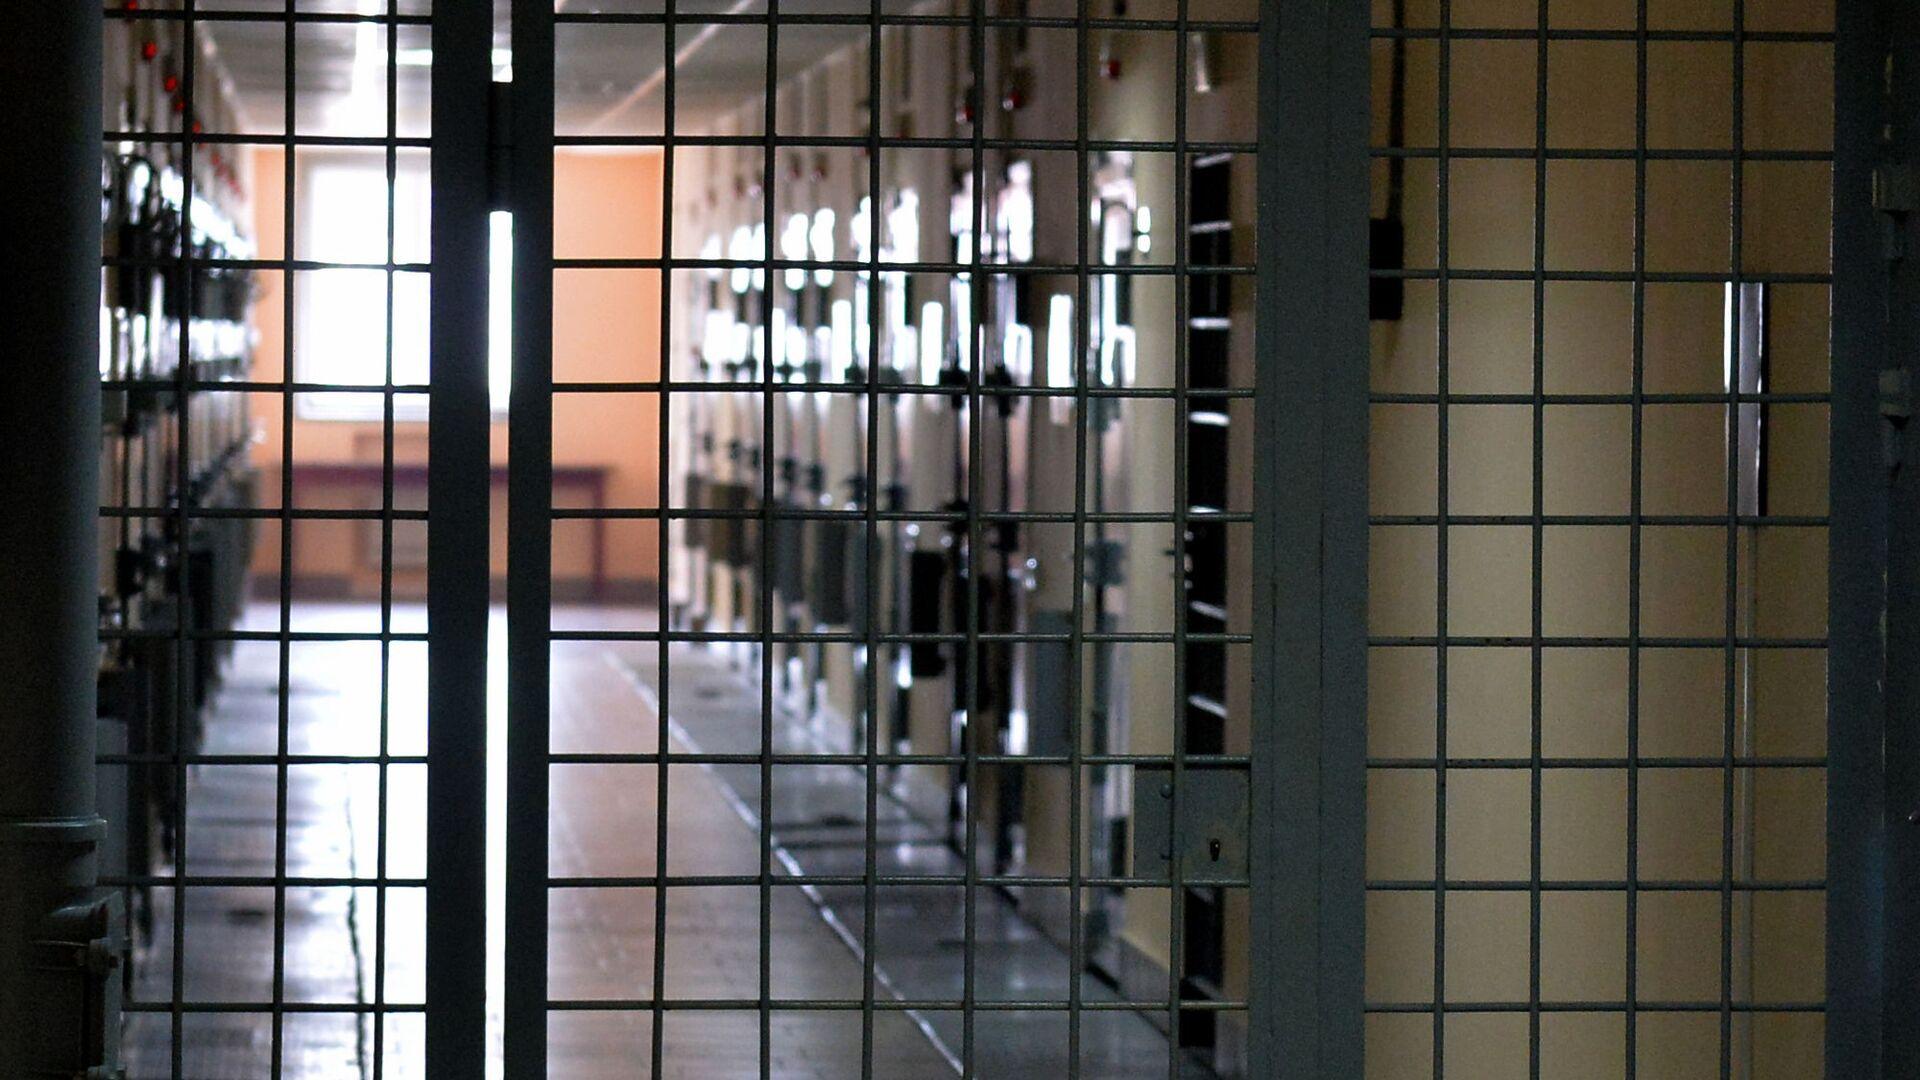 Со всеми вновь прибывшими в тюрьму или в колонию обязательно работает психолог - Sputnik Беларусь, 1920, 07.04.2021